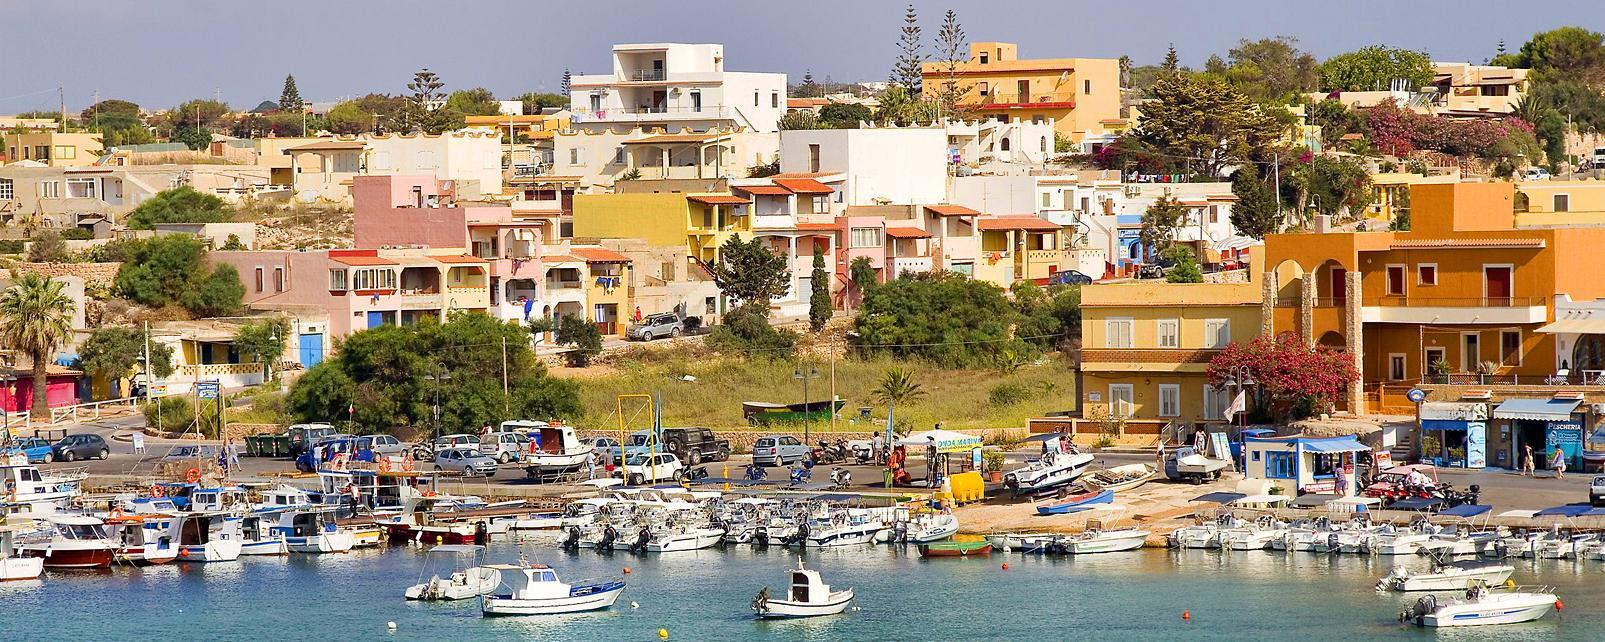 Sicilia Lampedusa